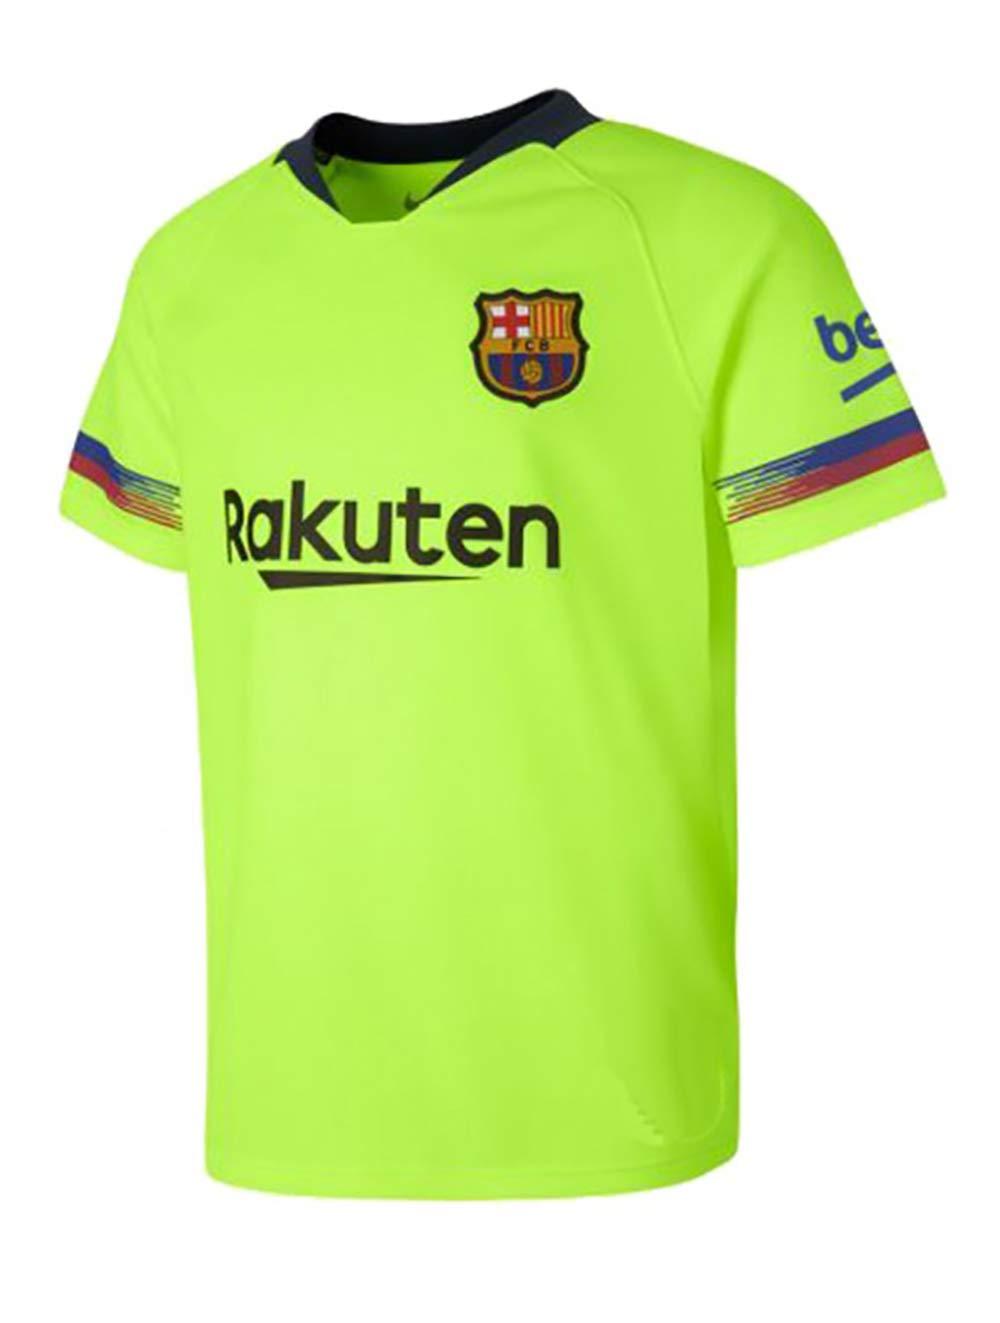 Personalizador Senior Shirt - Anpassbar - Zweites Team FC Barcelona Original Replik 2018 2019